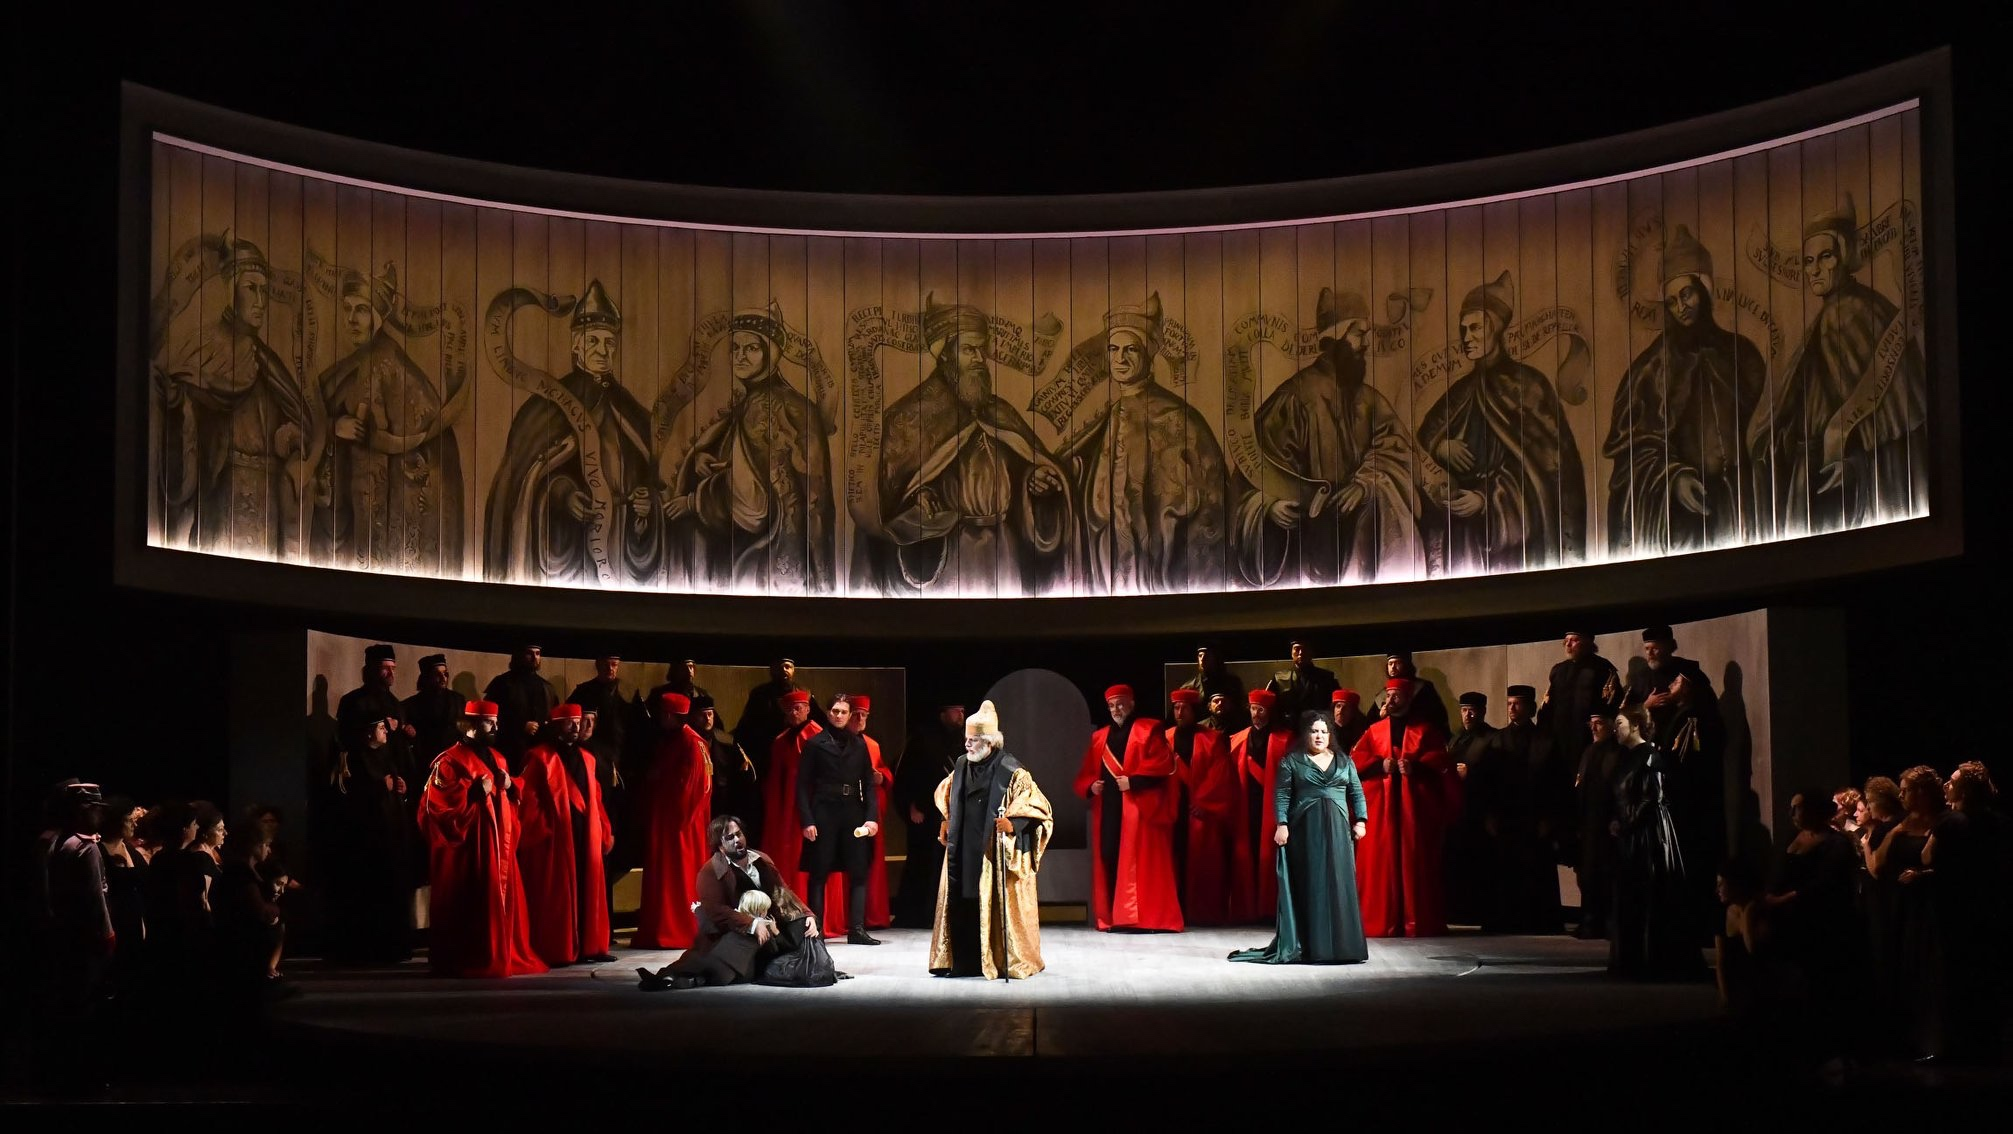 I due Foscari - Festival Verdi 2019 - Teatro Regio Parma